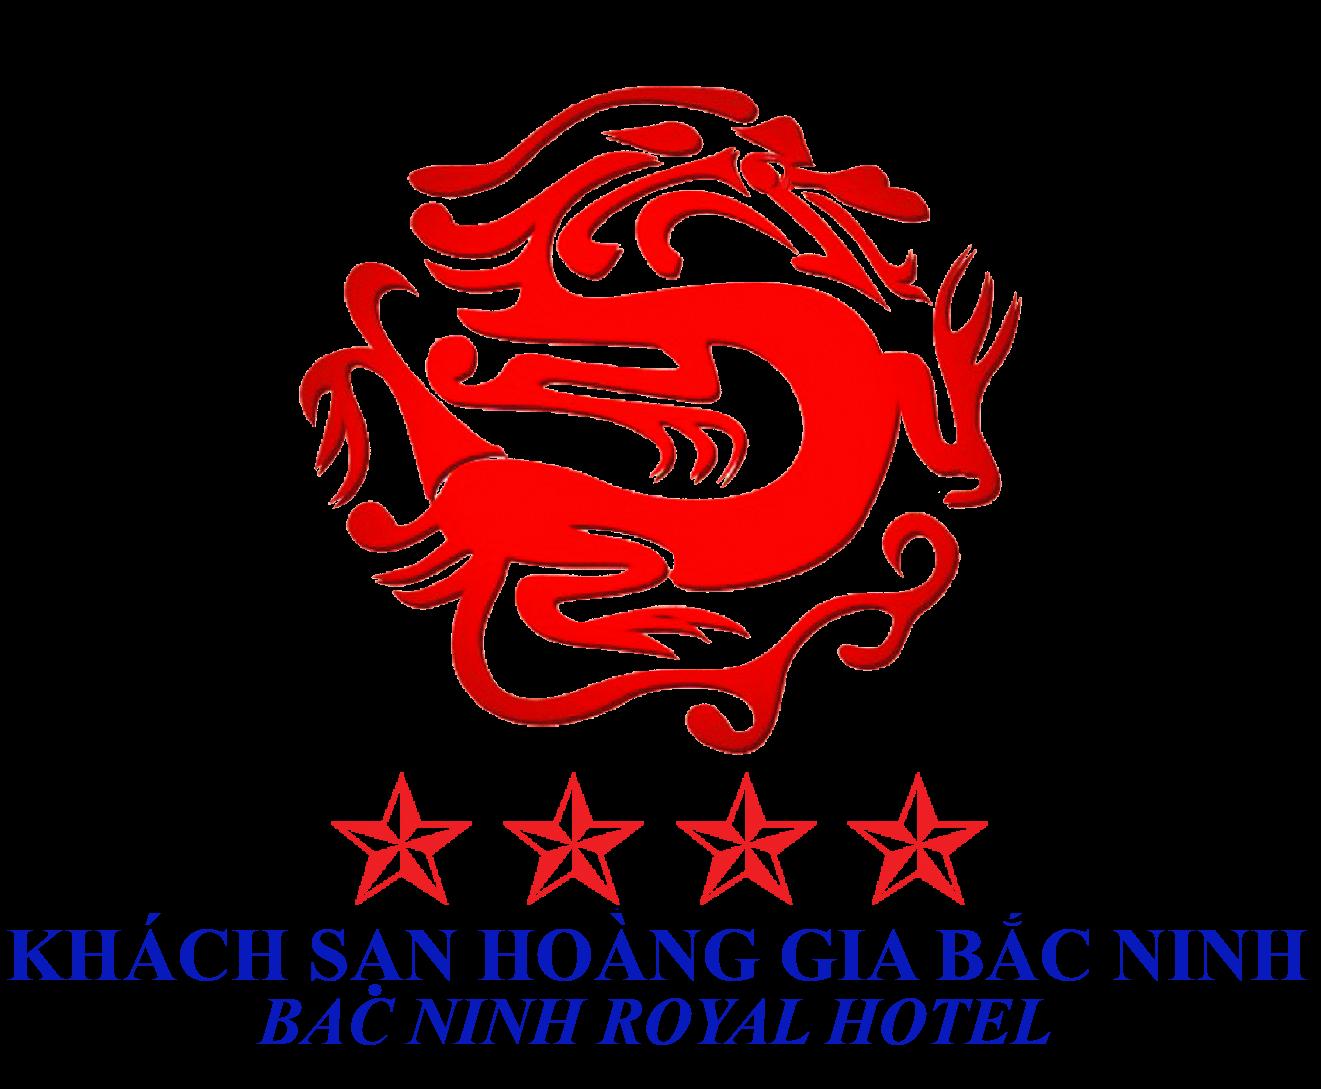 Kết quả hình ảnh cho khách sạn hoàng gia bắc ninh logo